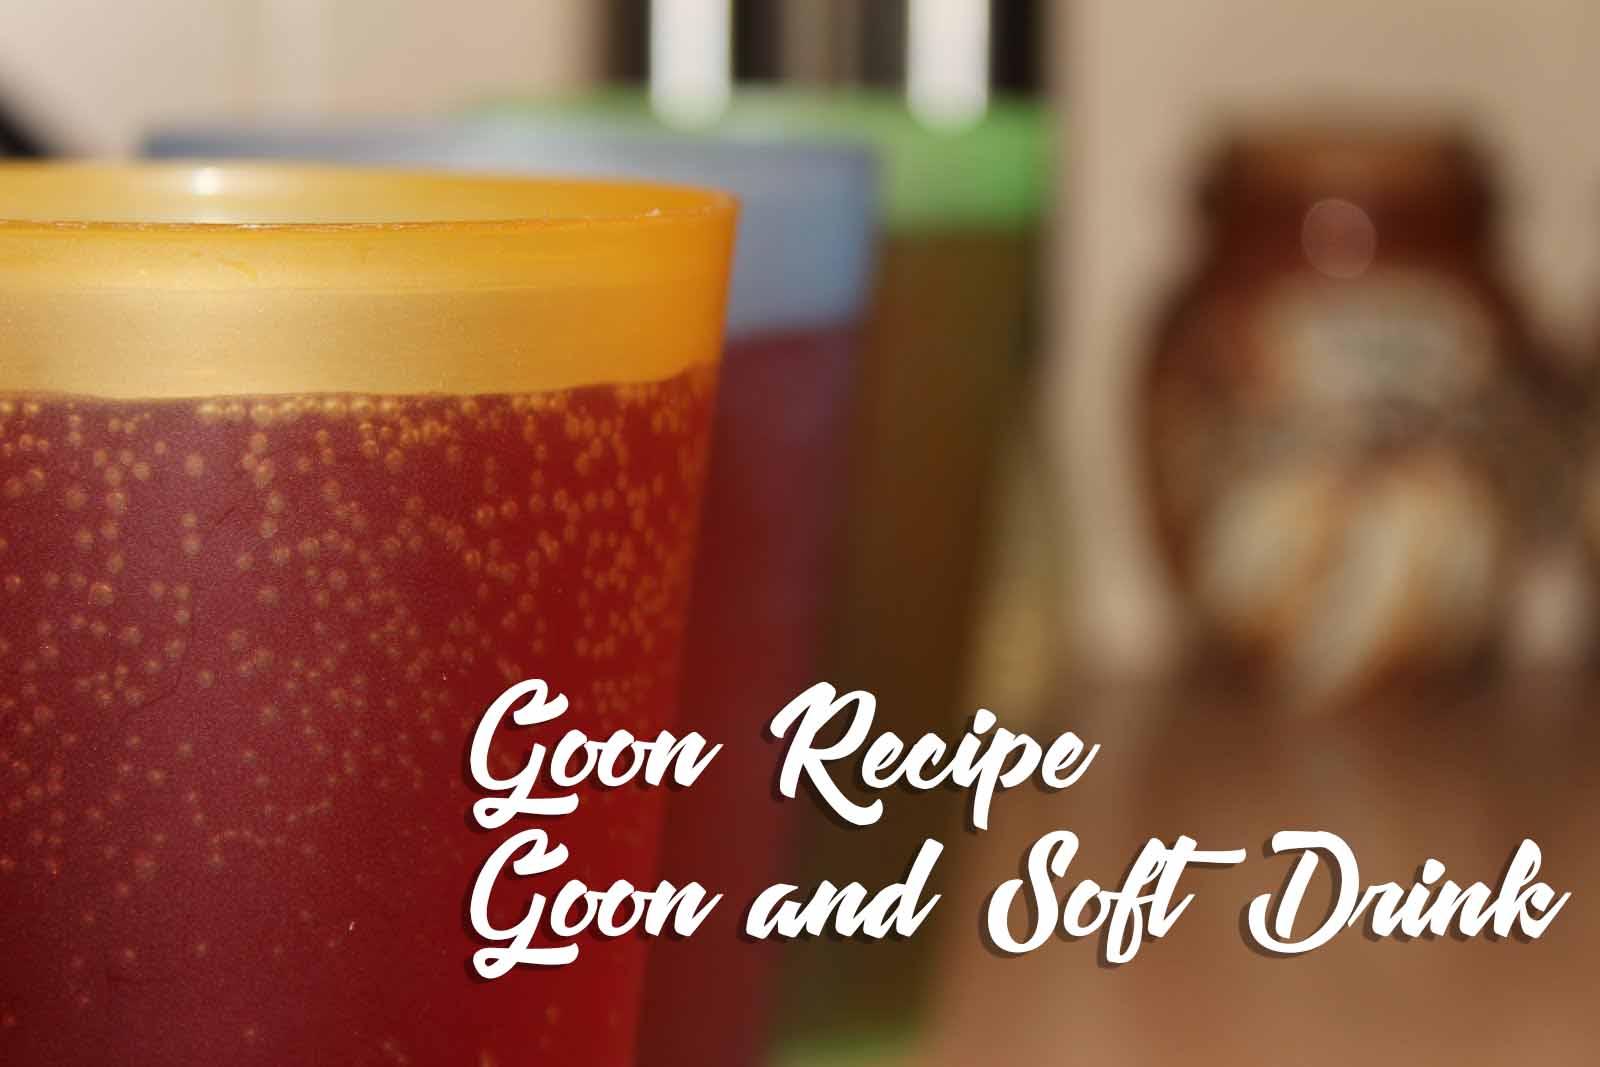 Goon_(Box_Wine)_and_Soft_Drink_(Kirks_Pasito)_Goon_Recipe